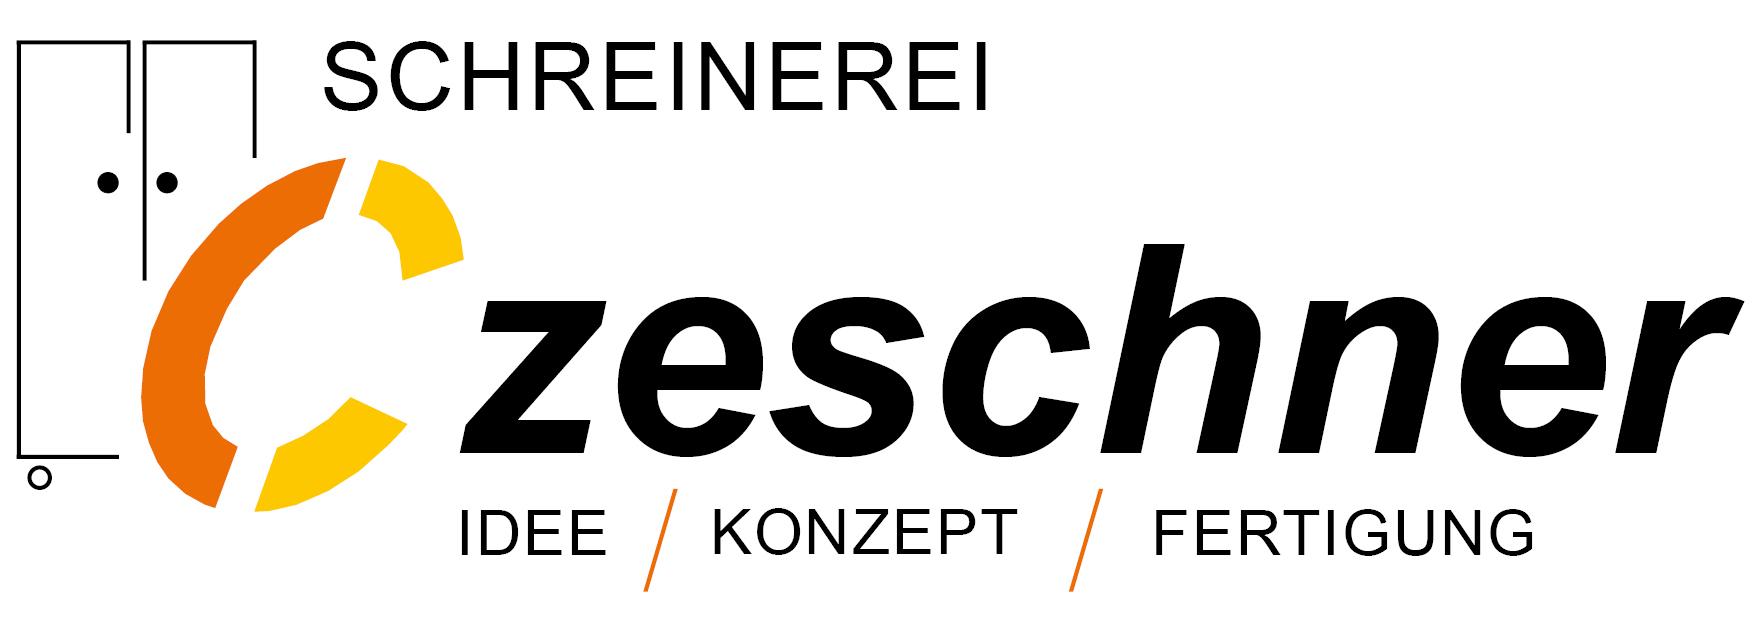 Schreinerei Czeschner GmbH & Co. KG